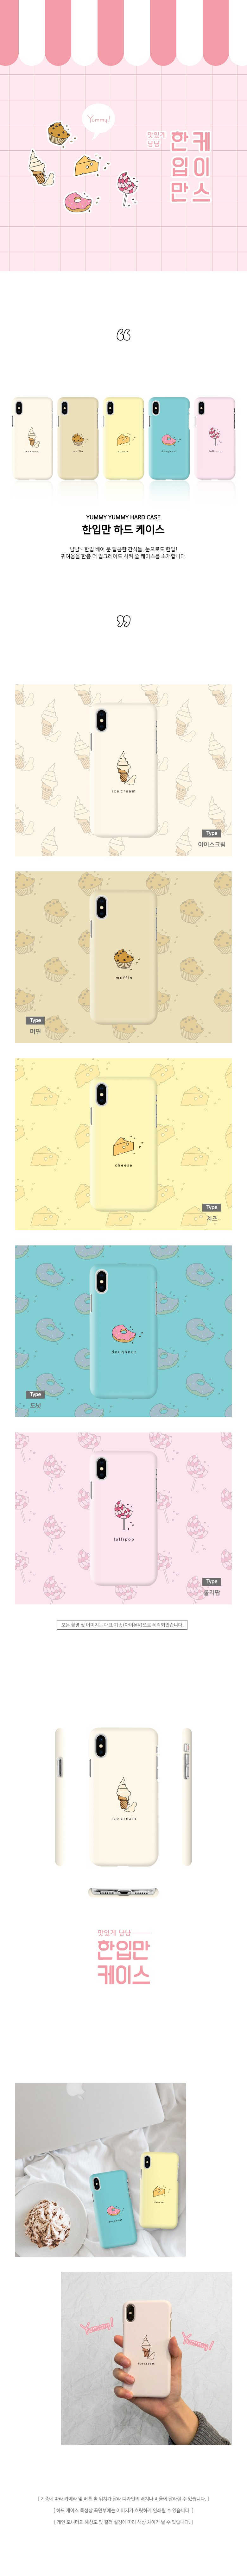 단부리 한입만 투명젤리케이스 - 아이폰 - 엑시트나인, 8,900원, 케이스, 아이폰XS